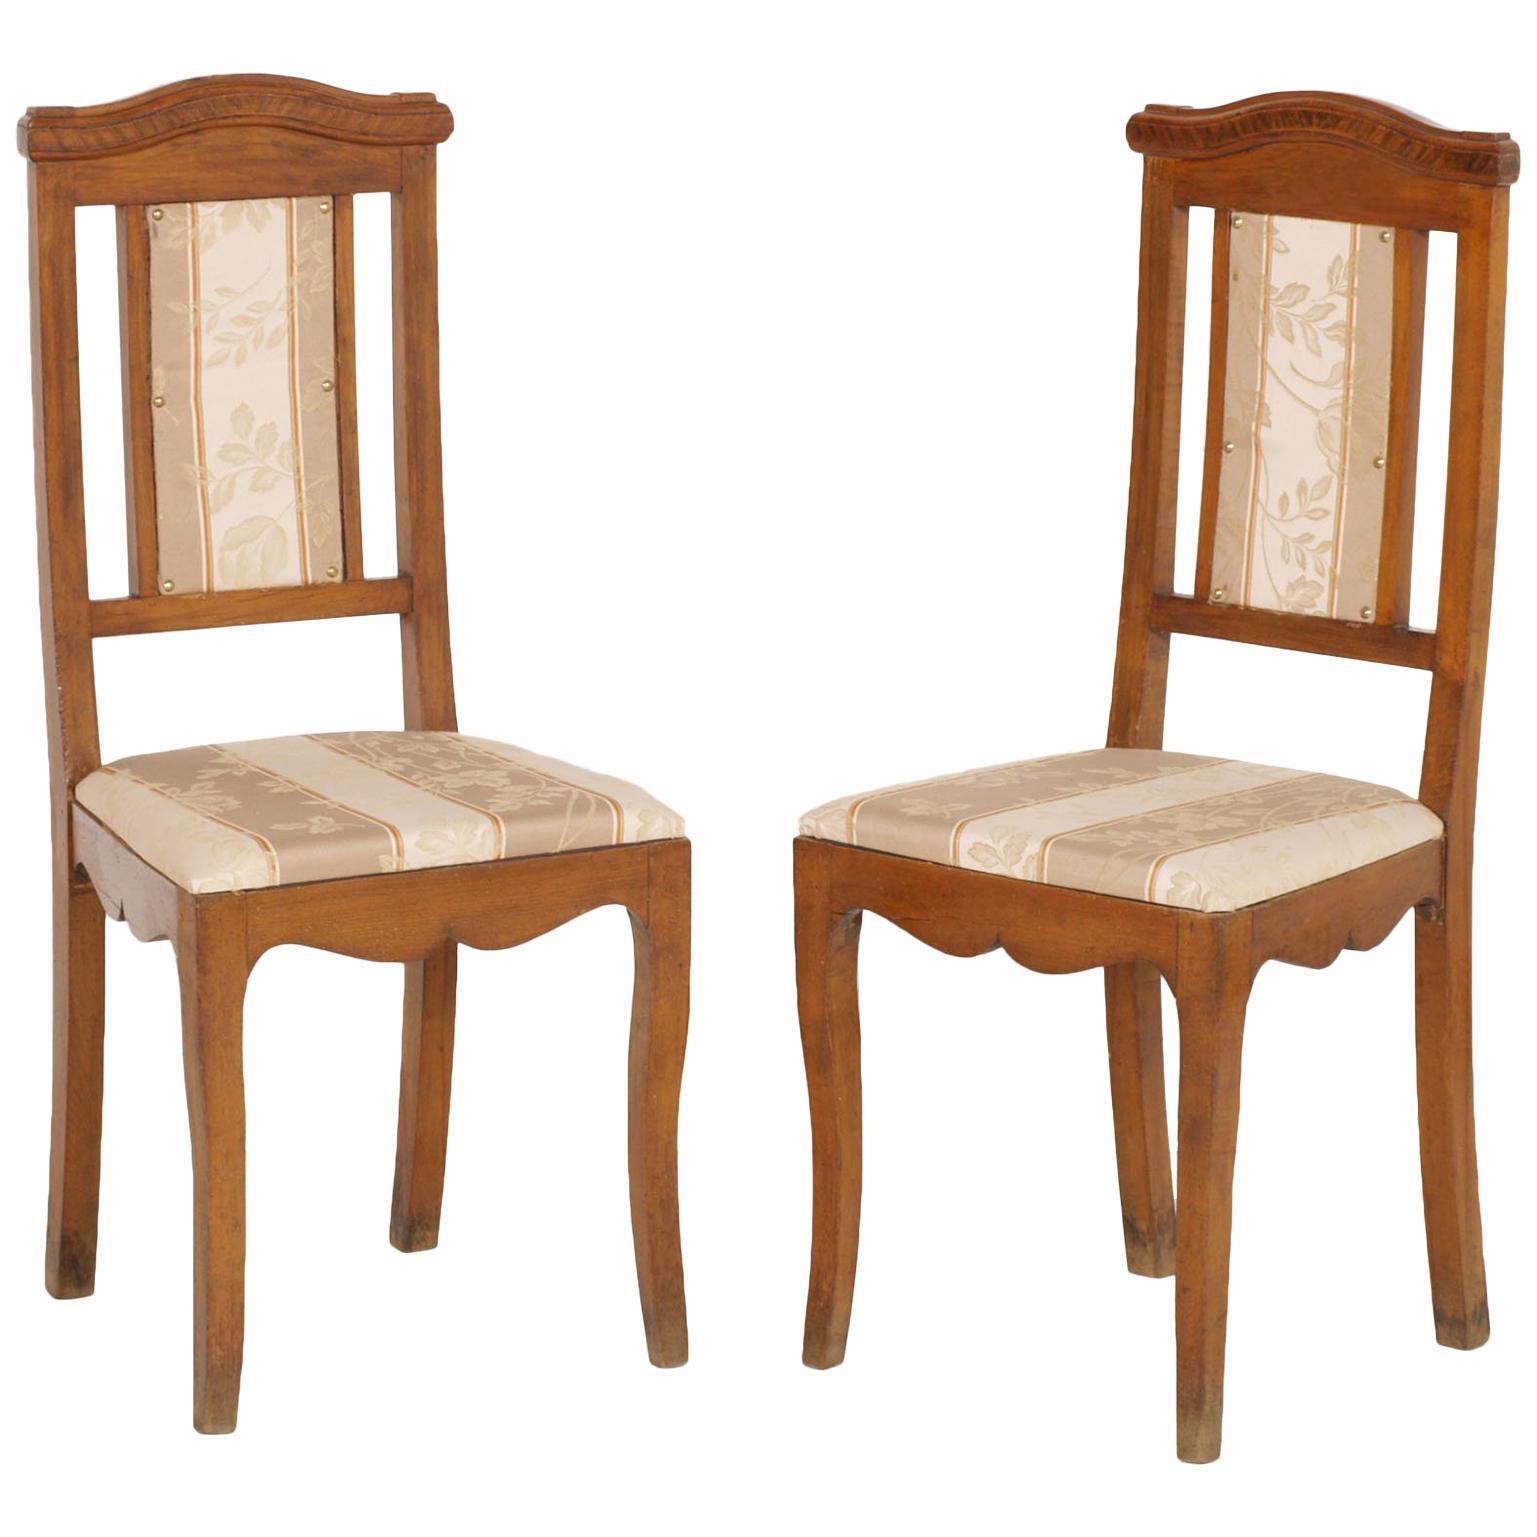 Wiener Werkstatte Art Nouveau Chairs In Walnut Original Taupe